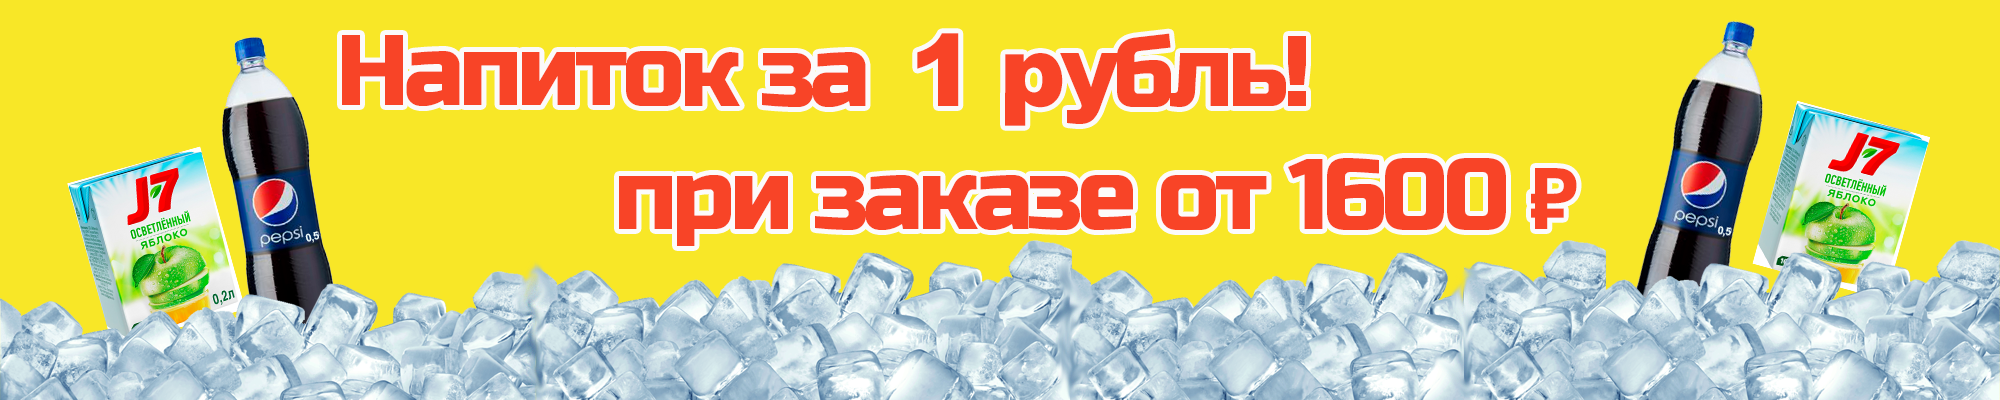 Акция напиток за рубль